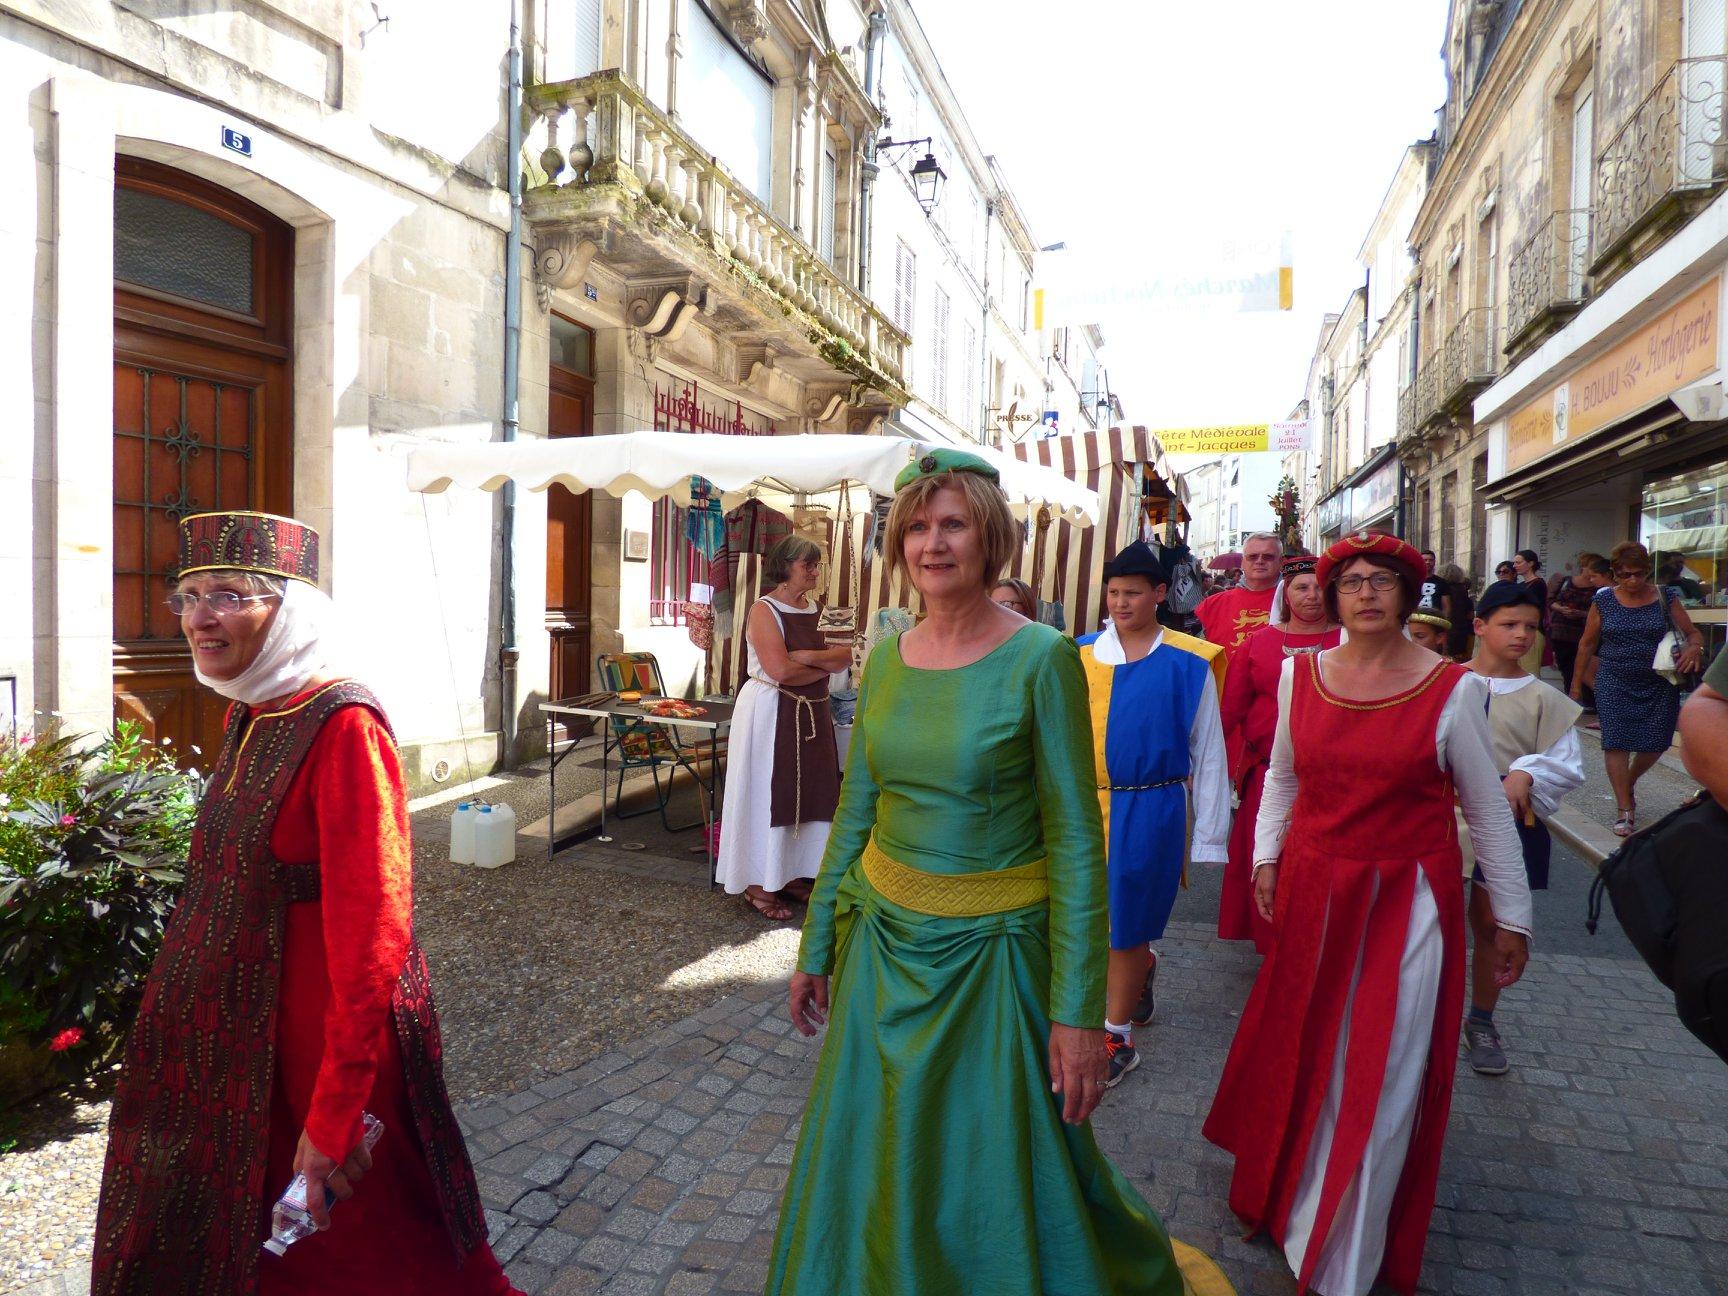 Fête médiévale Pons juillet 2018 - 23